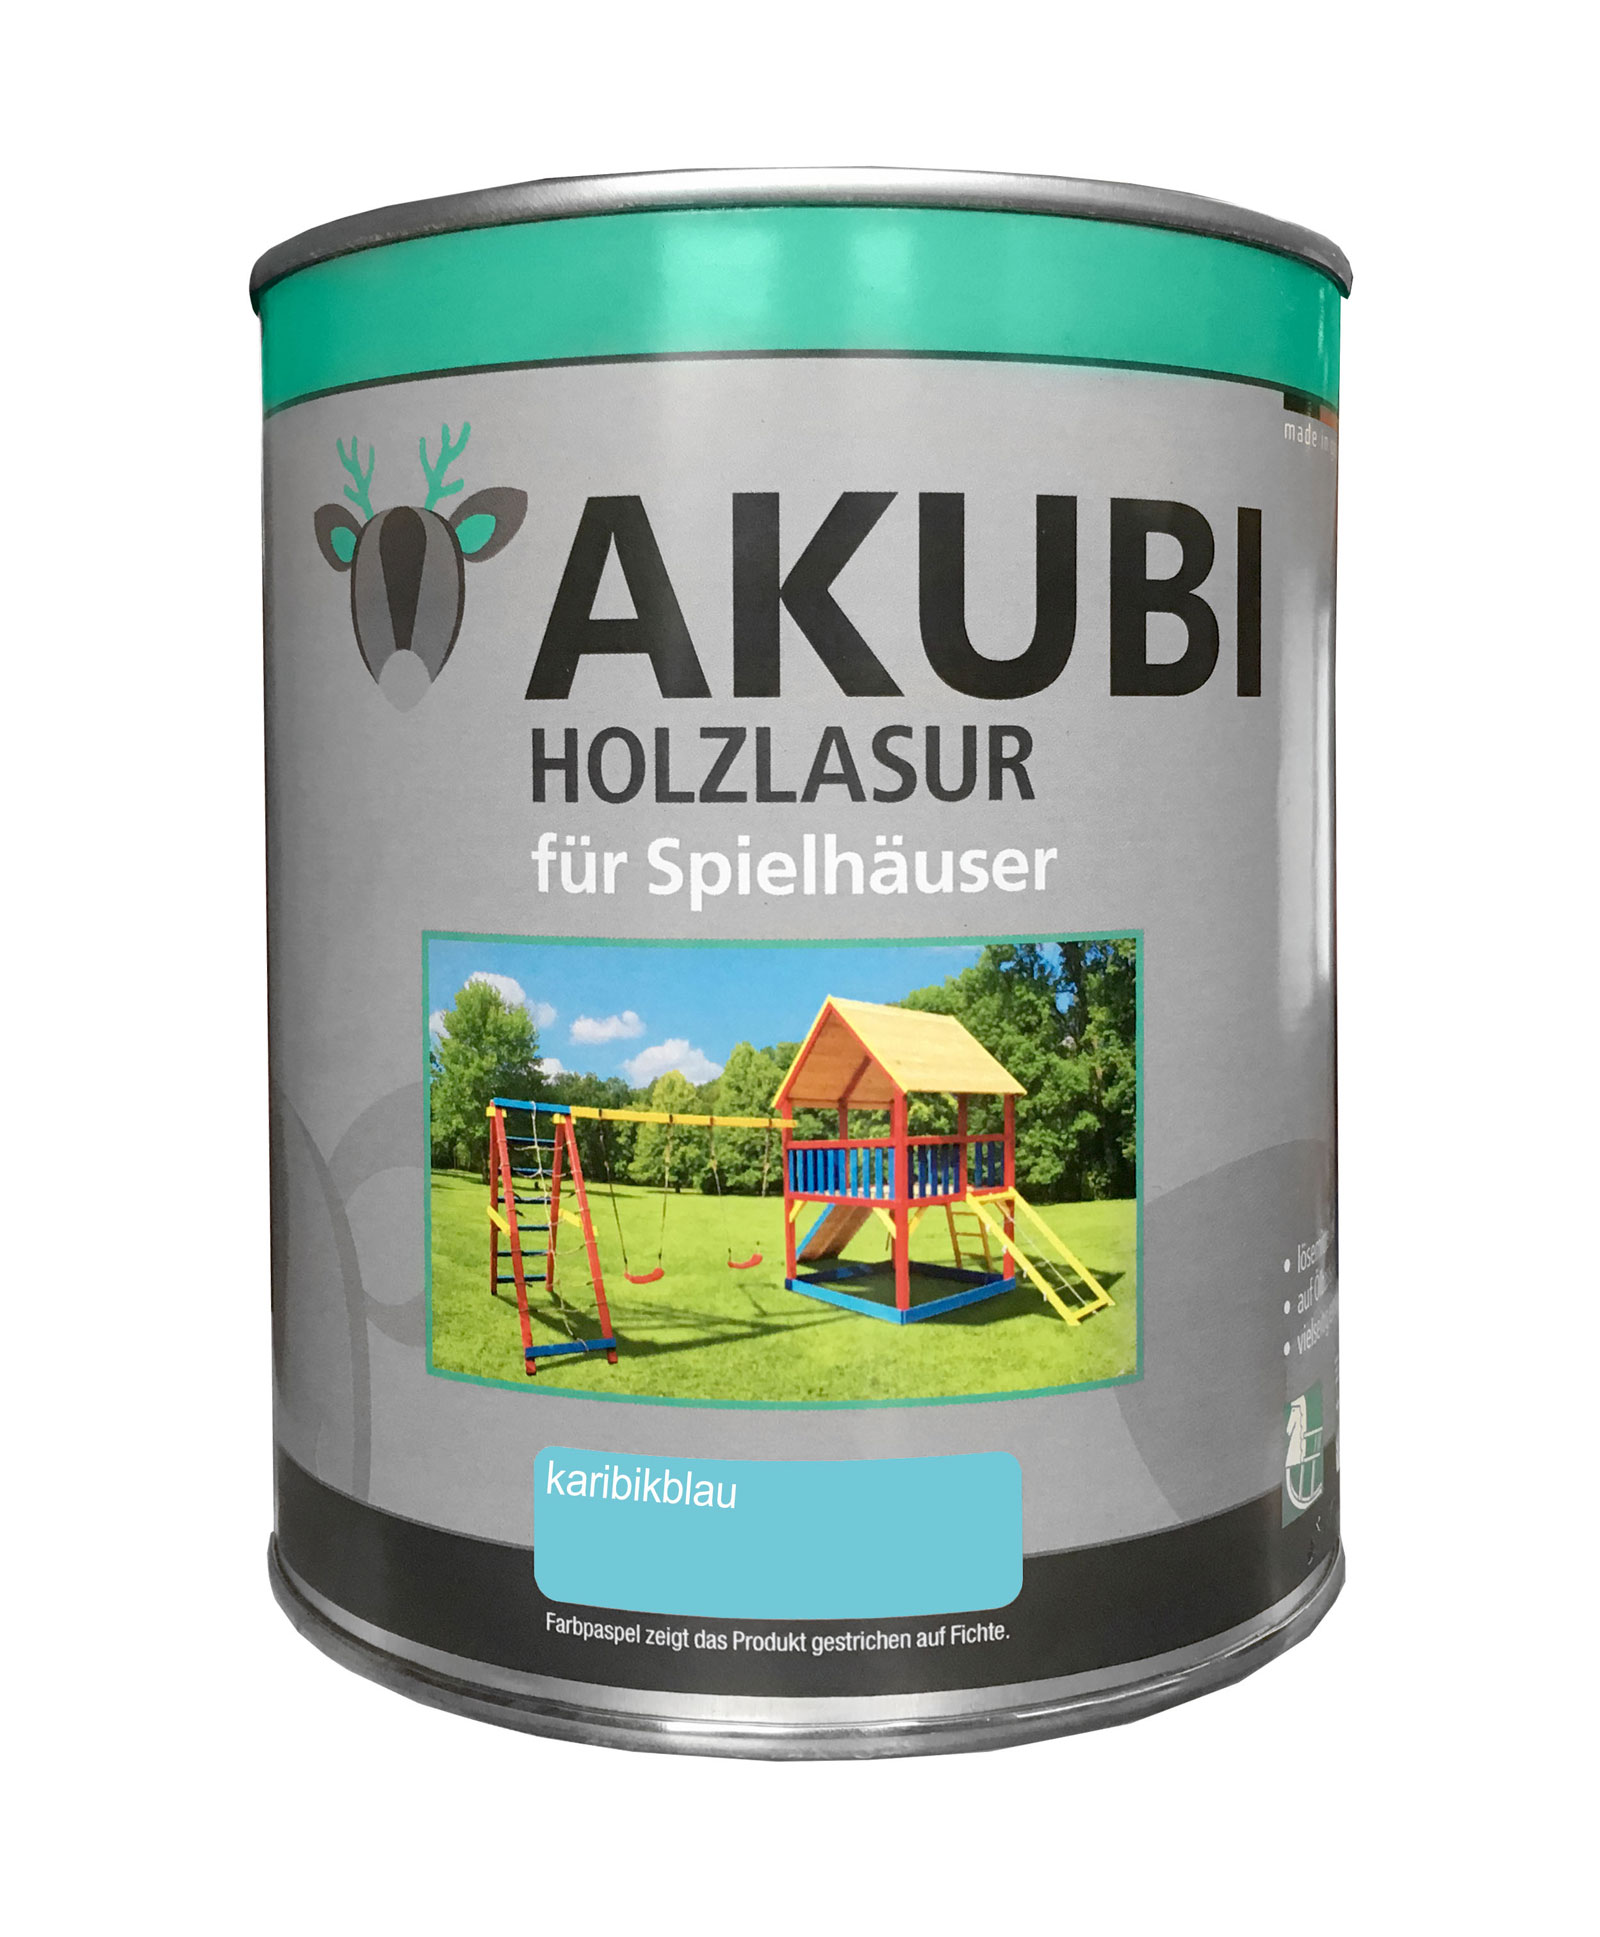 Karibu Akubi Holzlasur Set für Spielhäuser 750 ml karibikblau Bild 1